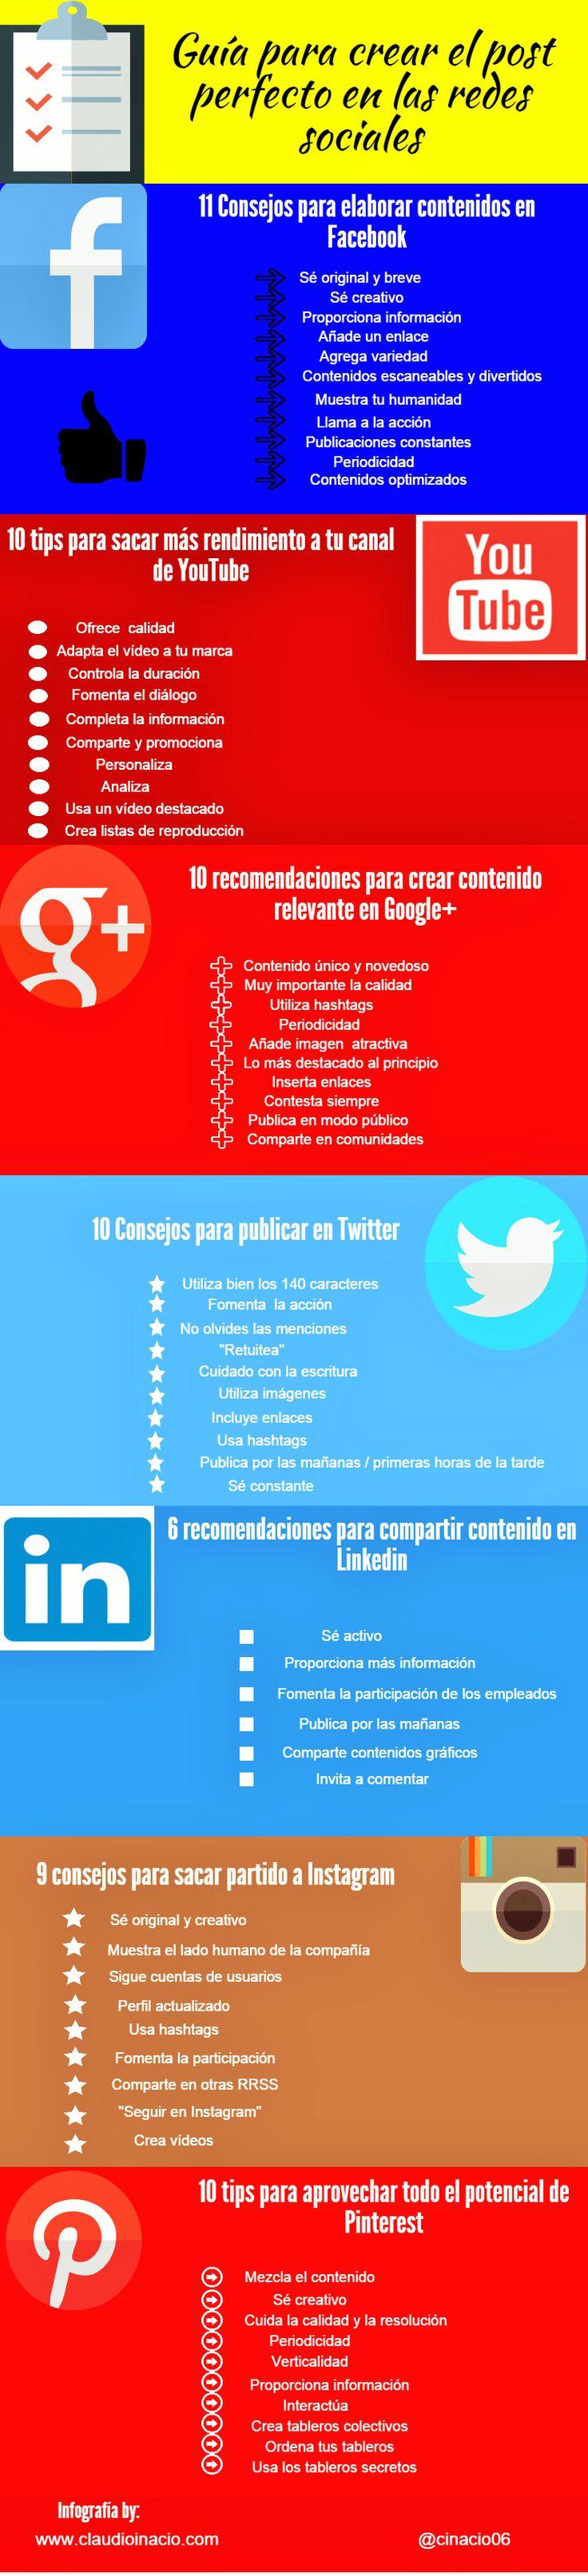 Guía para crear el post perfecto en redes sociales. Infografía en español…